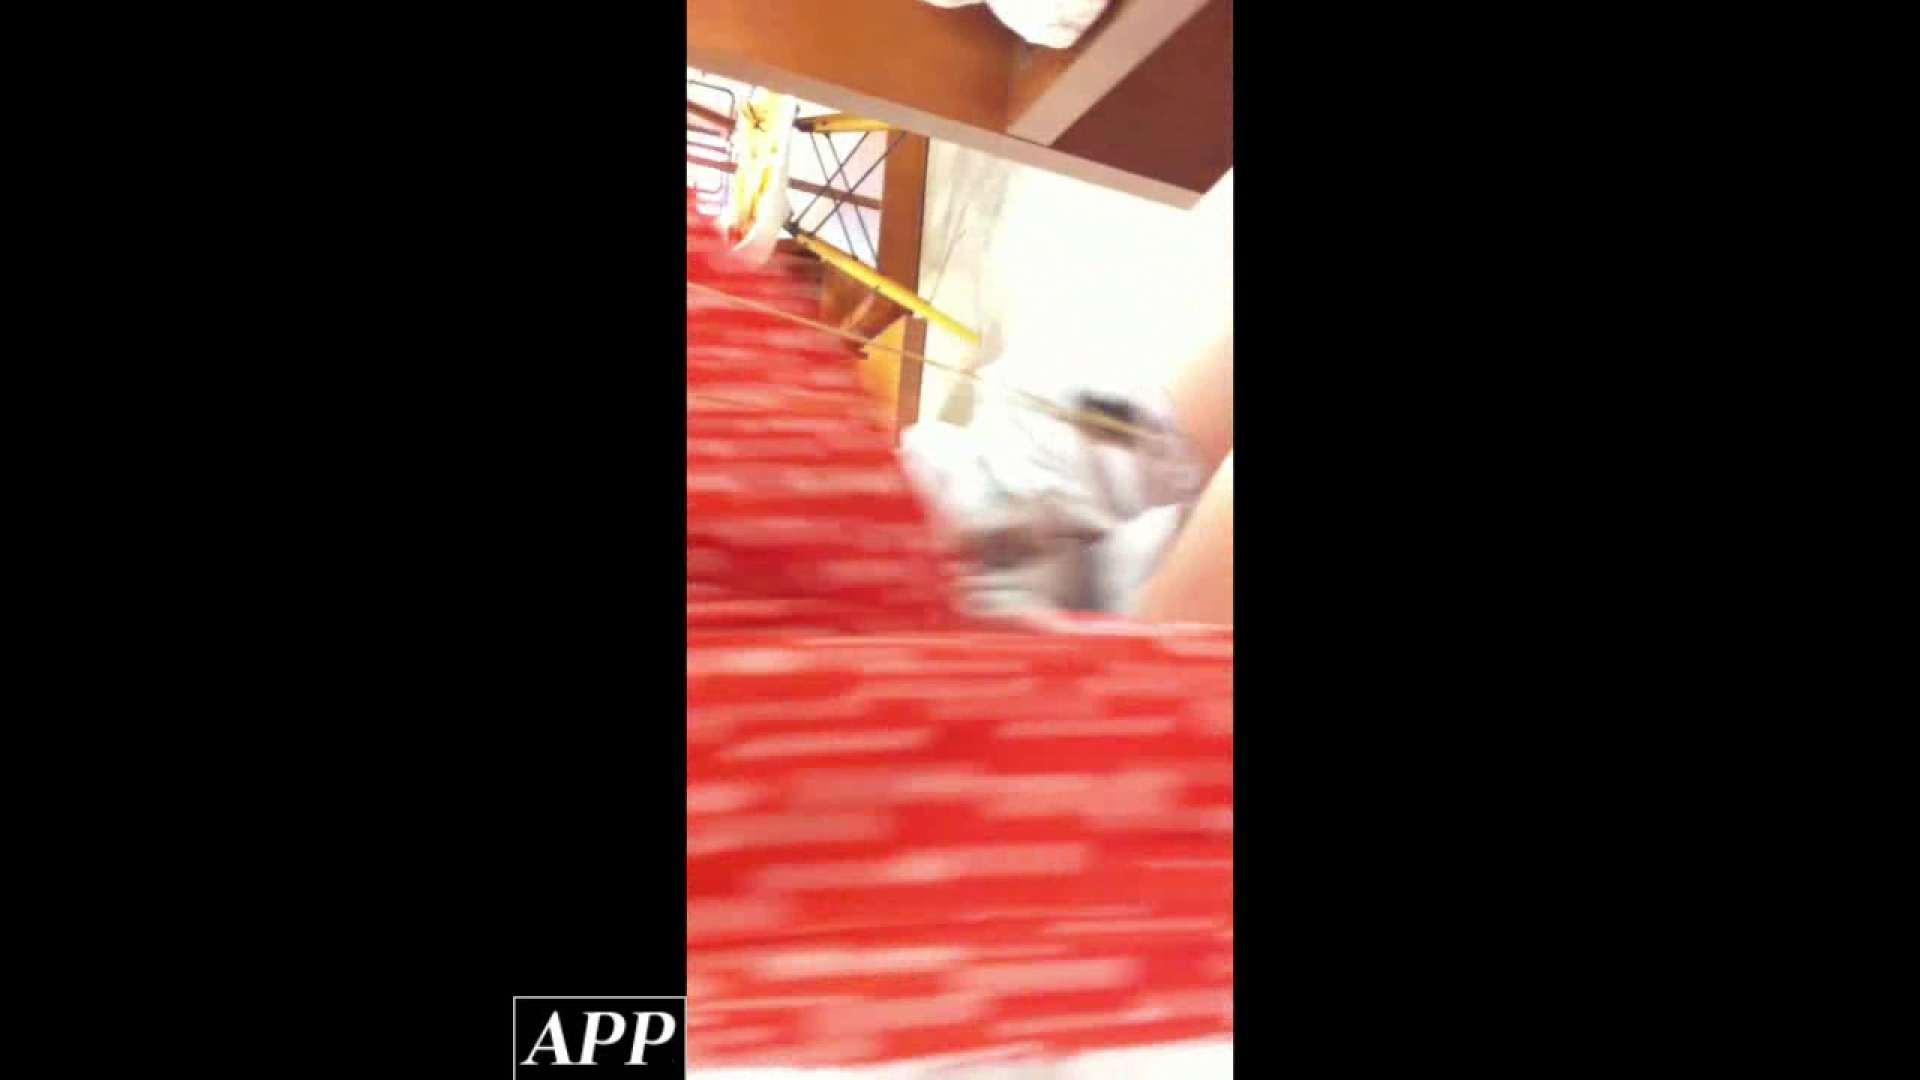 ハイビジョン盗撮!ショップ店員千人斬り!胸チラ編 vol.71 接写 オメコ無修正動画無料 102pic 93